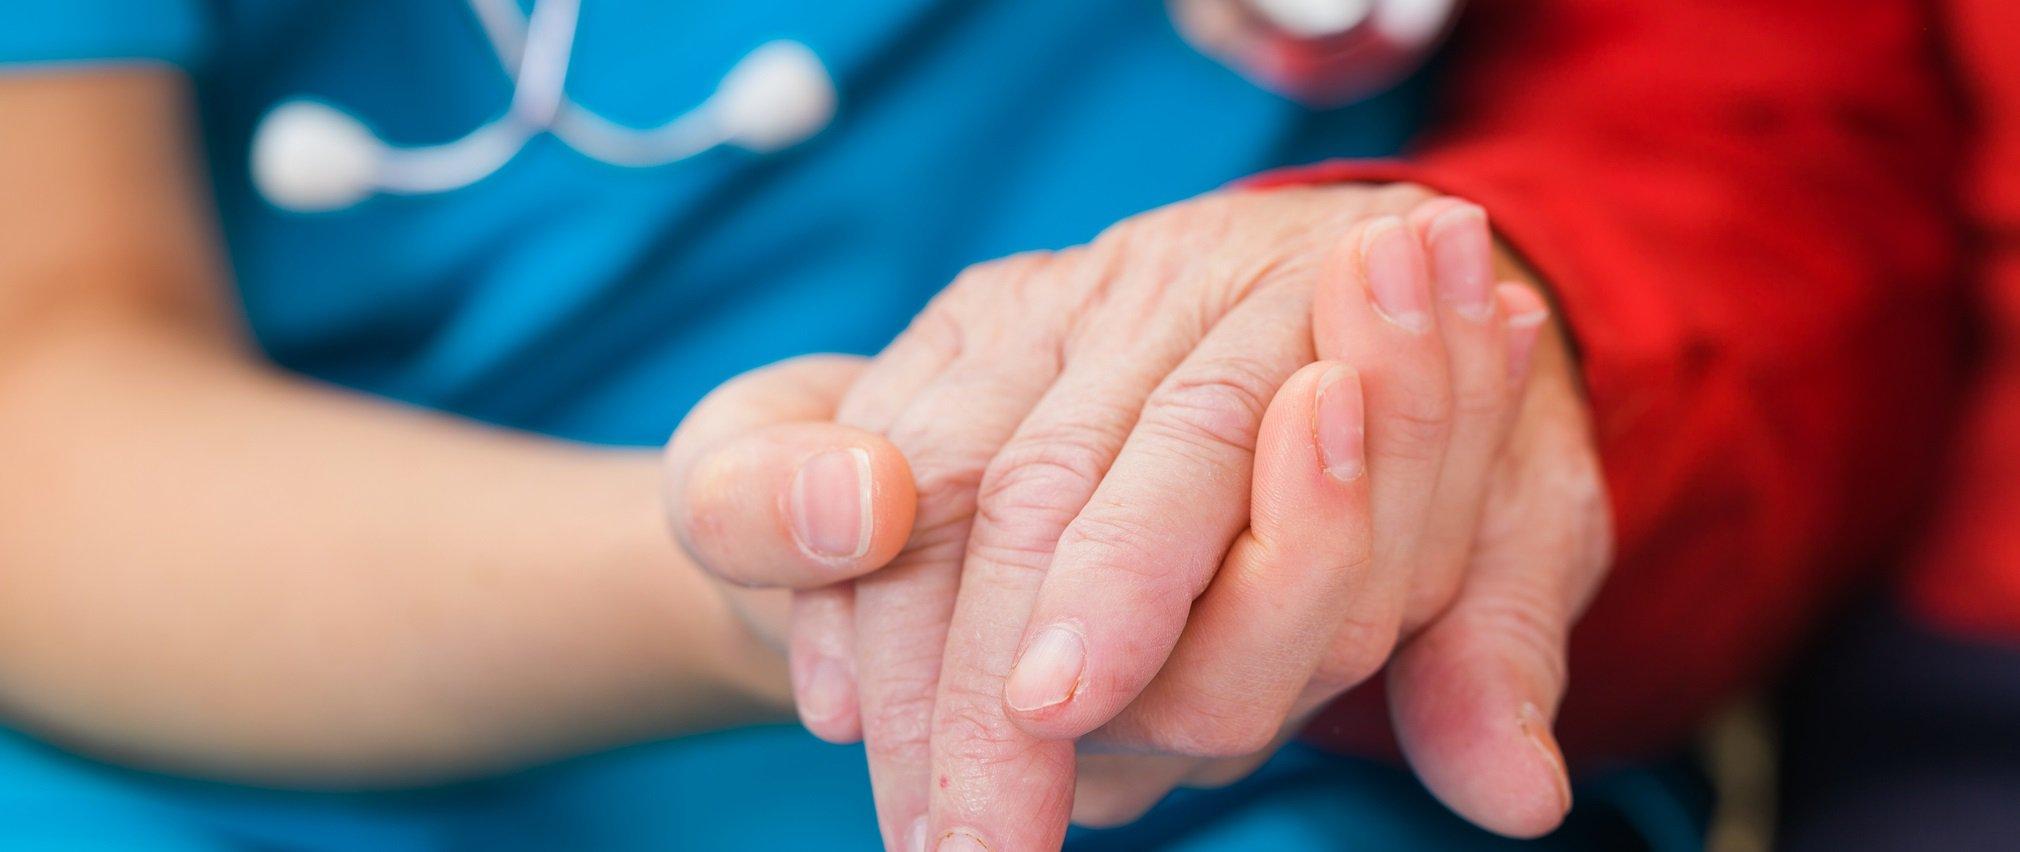 A CoxHealth nurse holds a patient's hand.